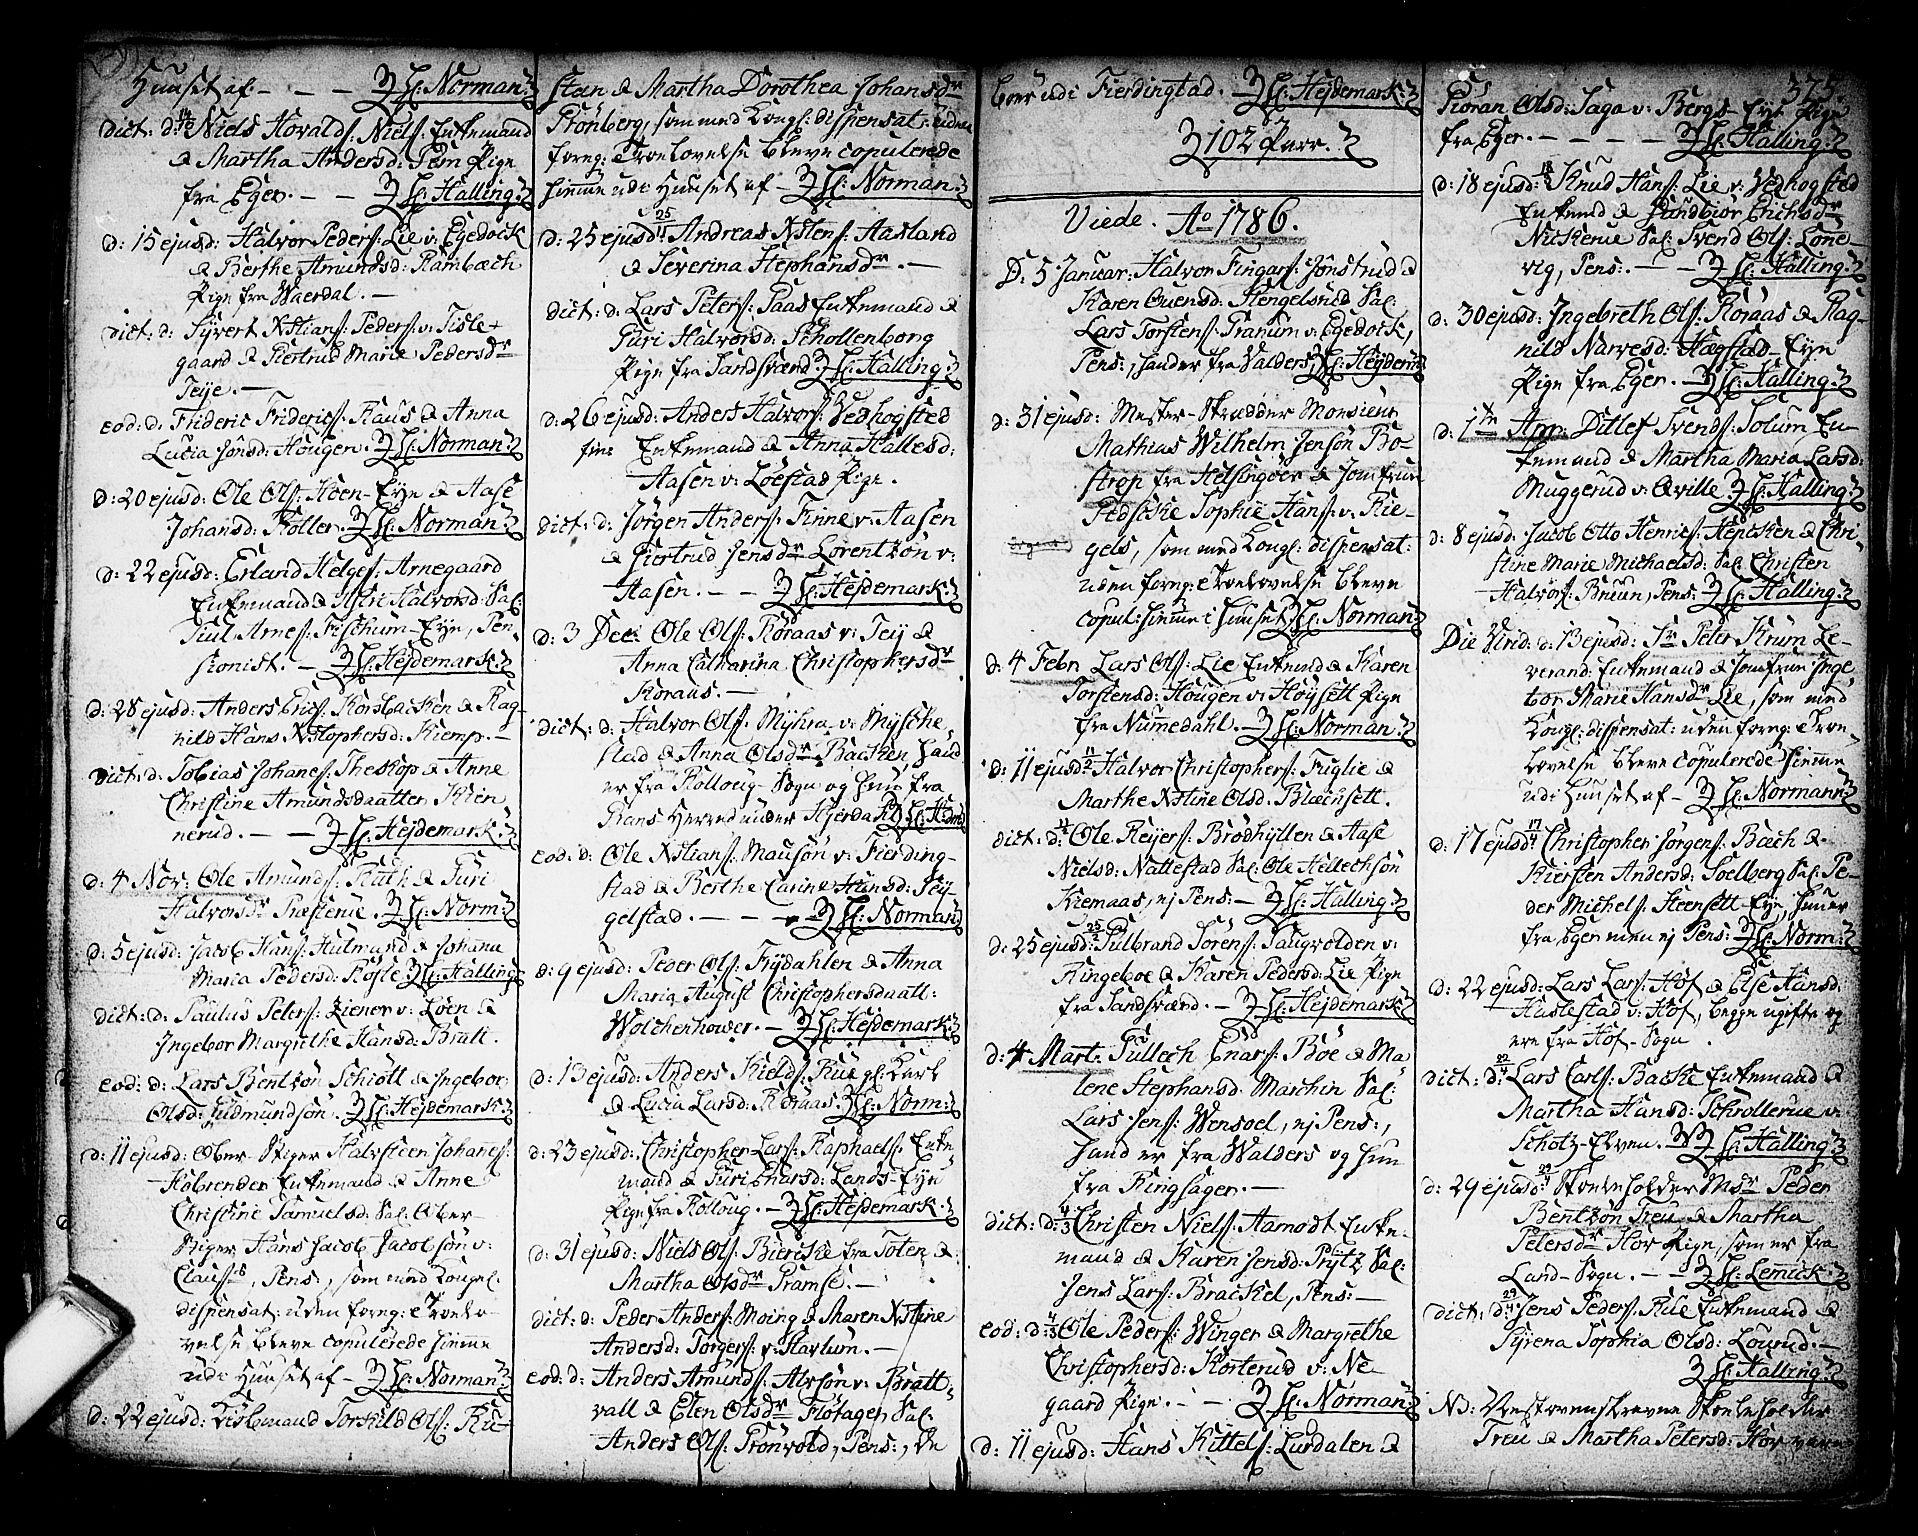 SAKO, Kongsberg kirkebøker, F/Fa/L0006: Ministerialbok nr. I 6, 1783-1797, s. 375